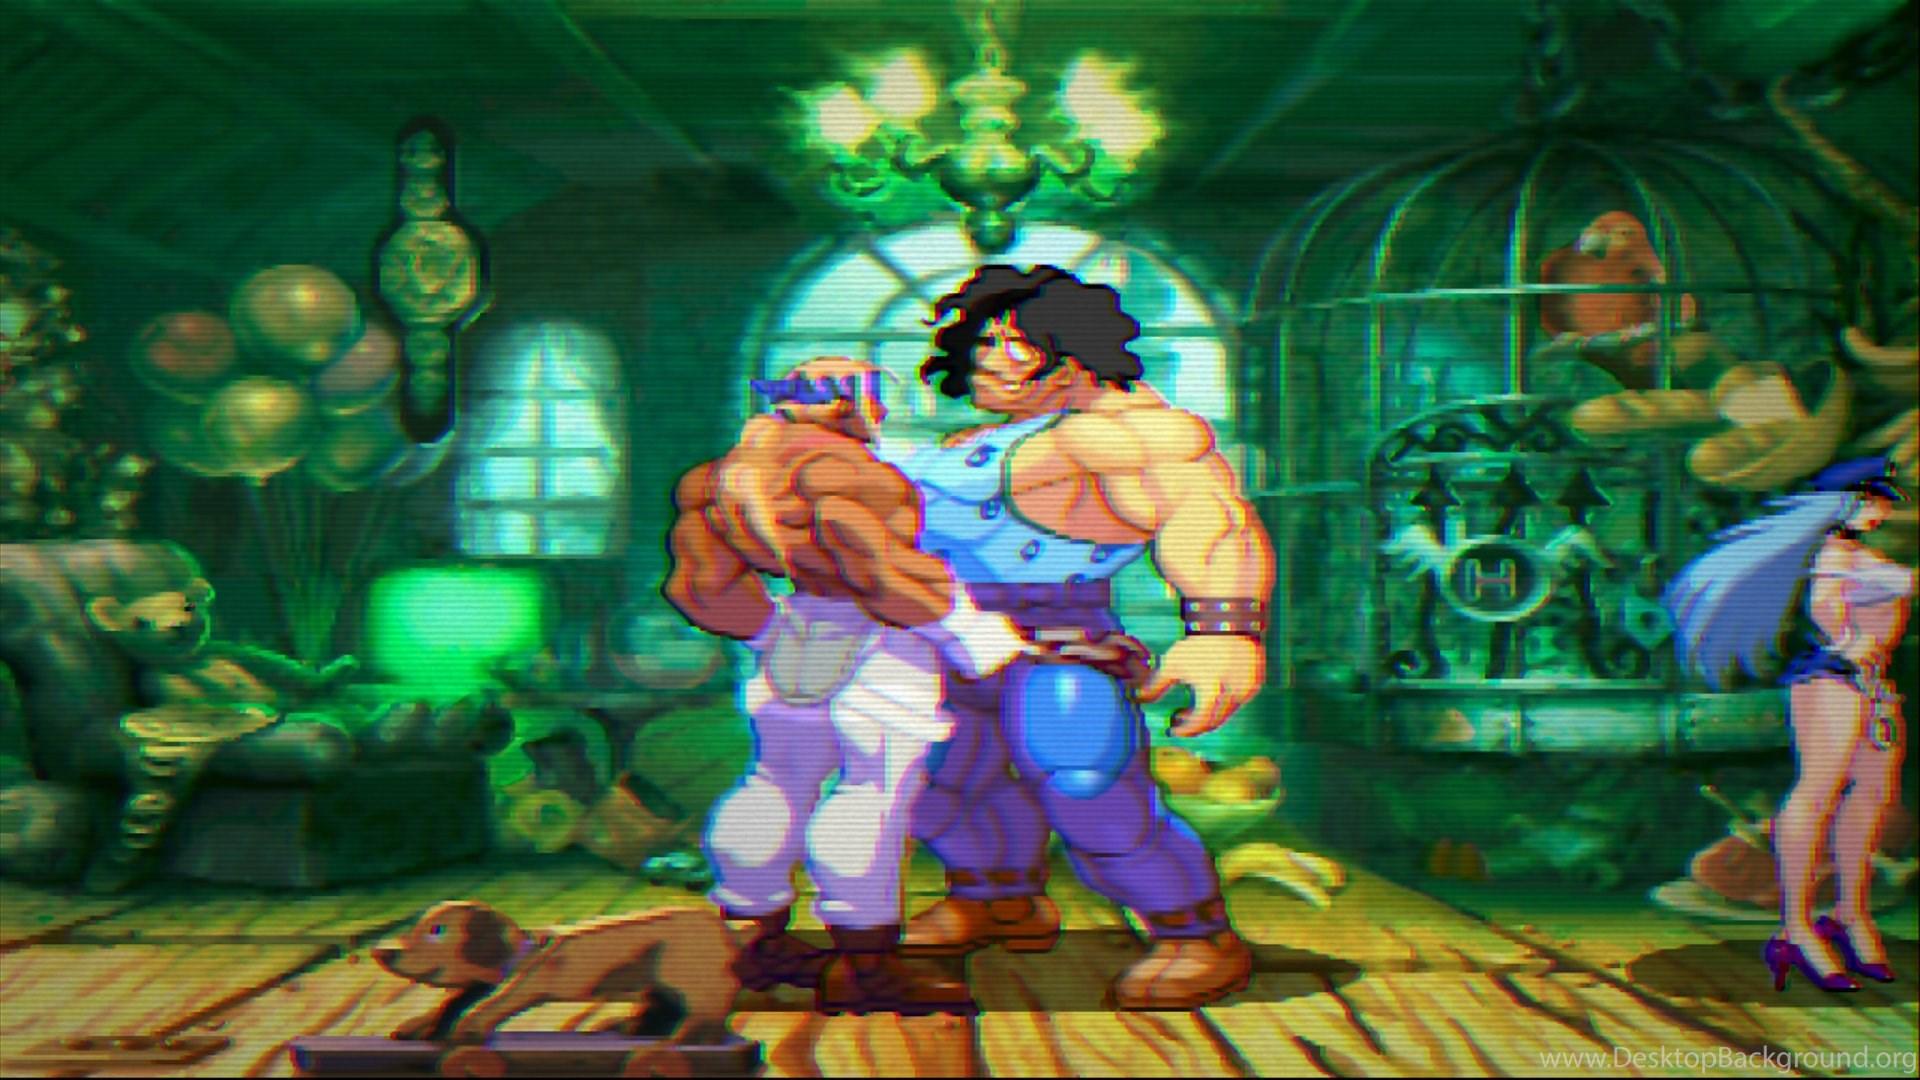 Street Fighter Iii Third Strike Online Edition Desktop Background